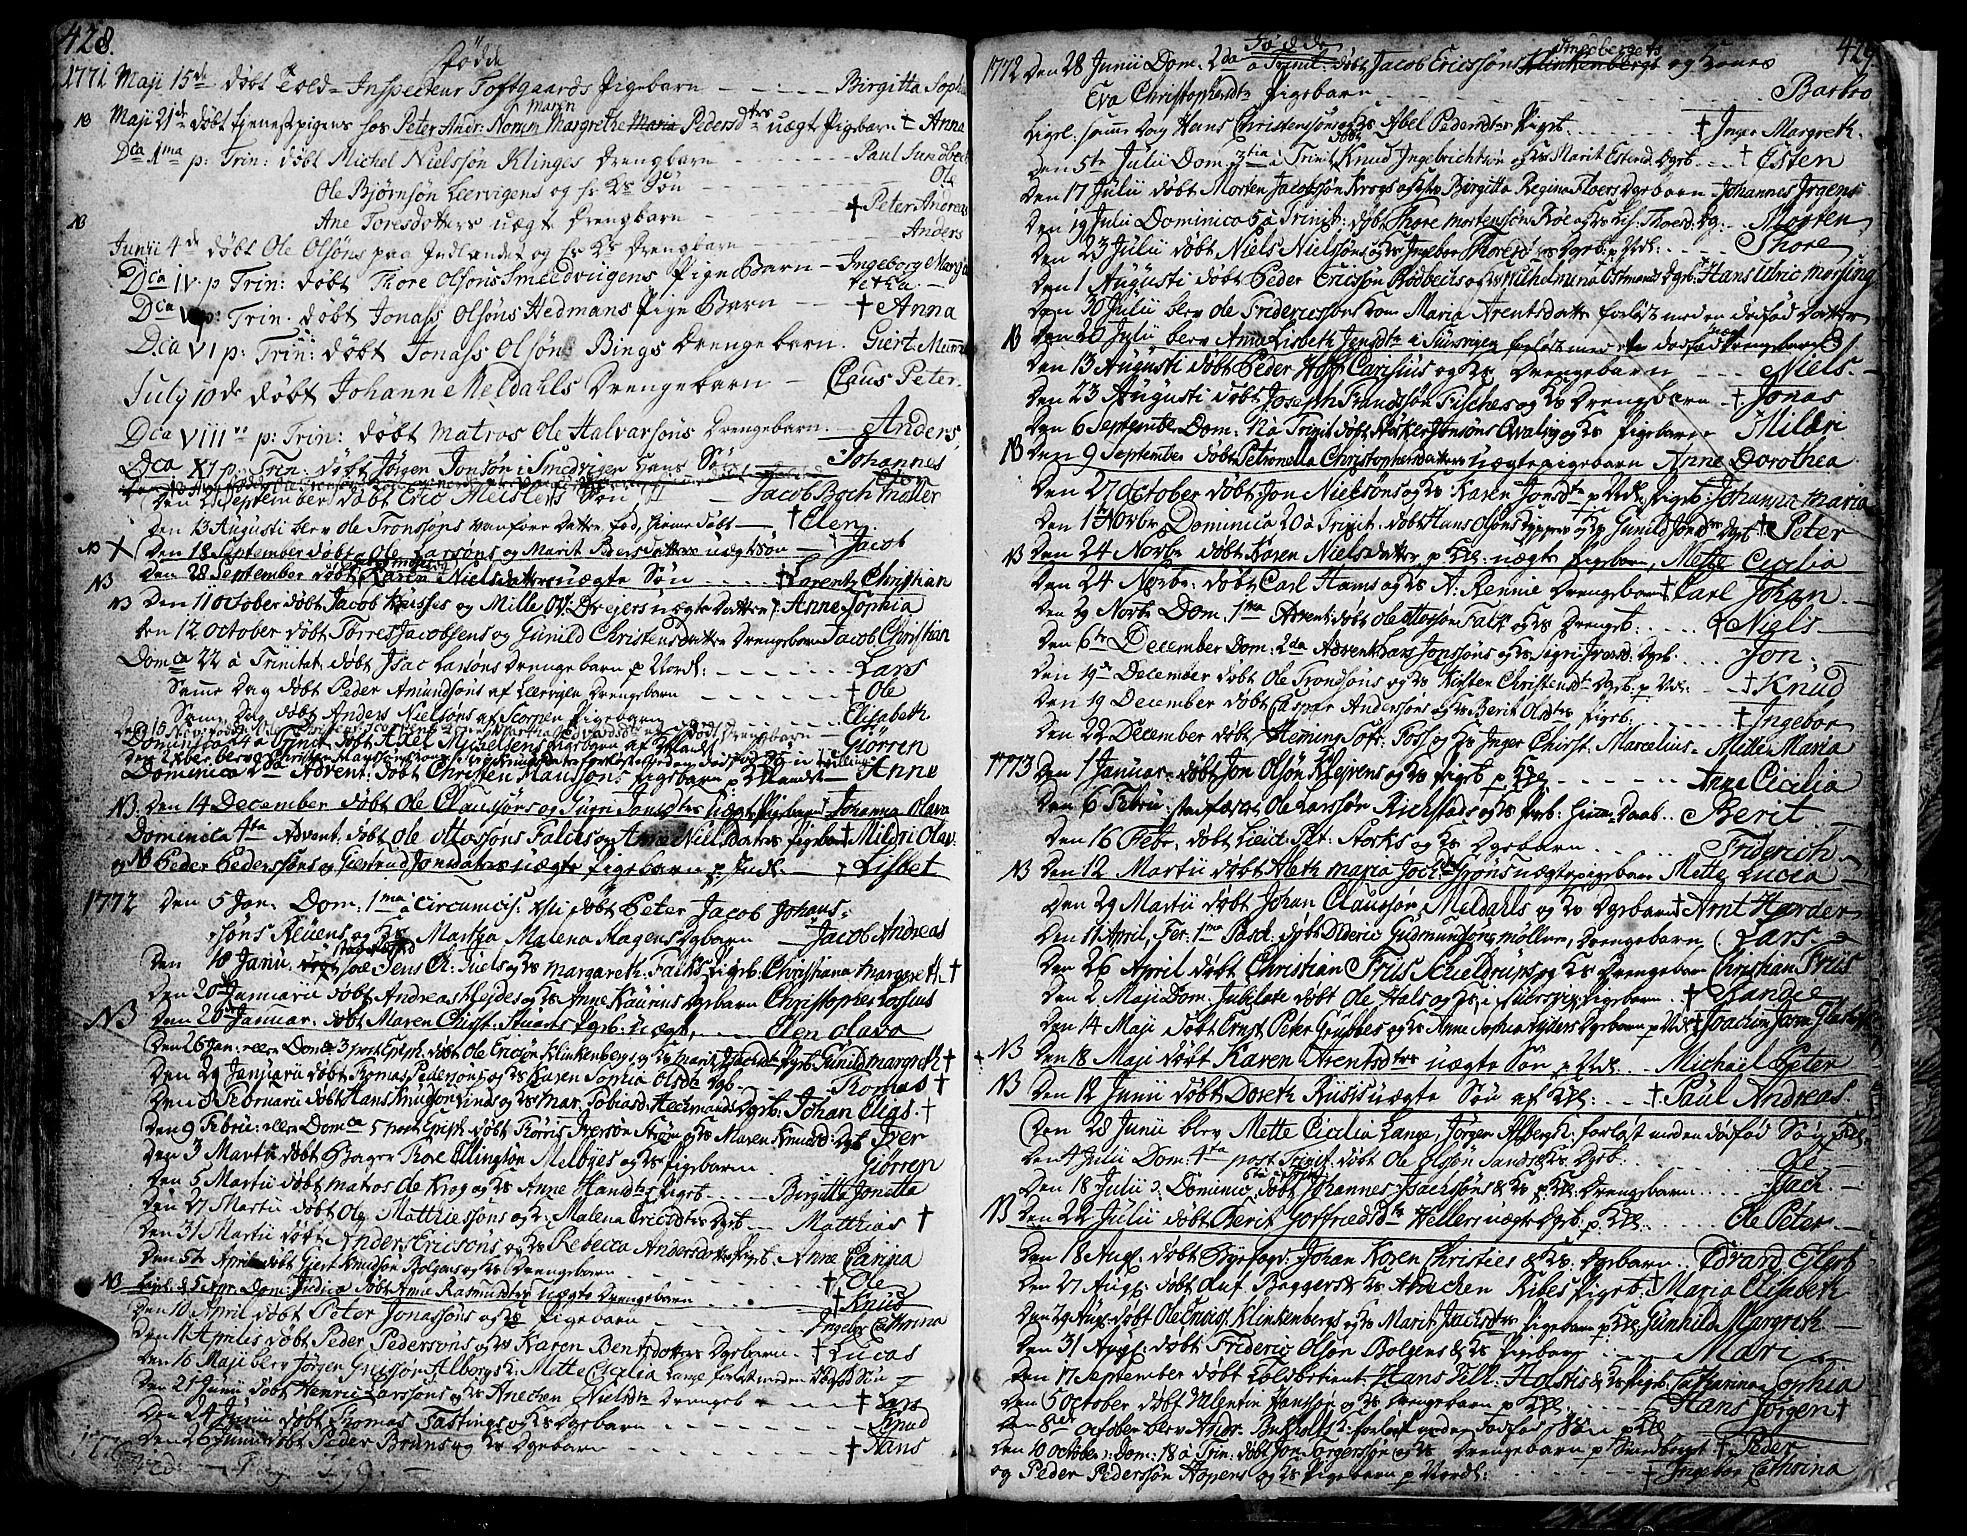 SAT, Ministerialprotokoller, klokkerbøker og fødselsregistre - Møre og Romsdal, 572/L0840: Ministerialbok nr. 572A03, 1754-1784, s. 428-429